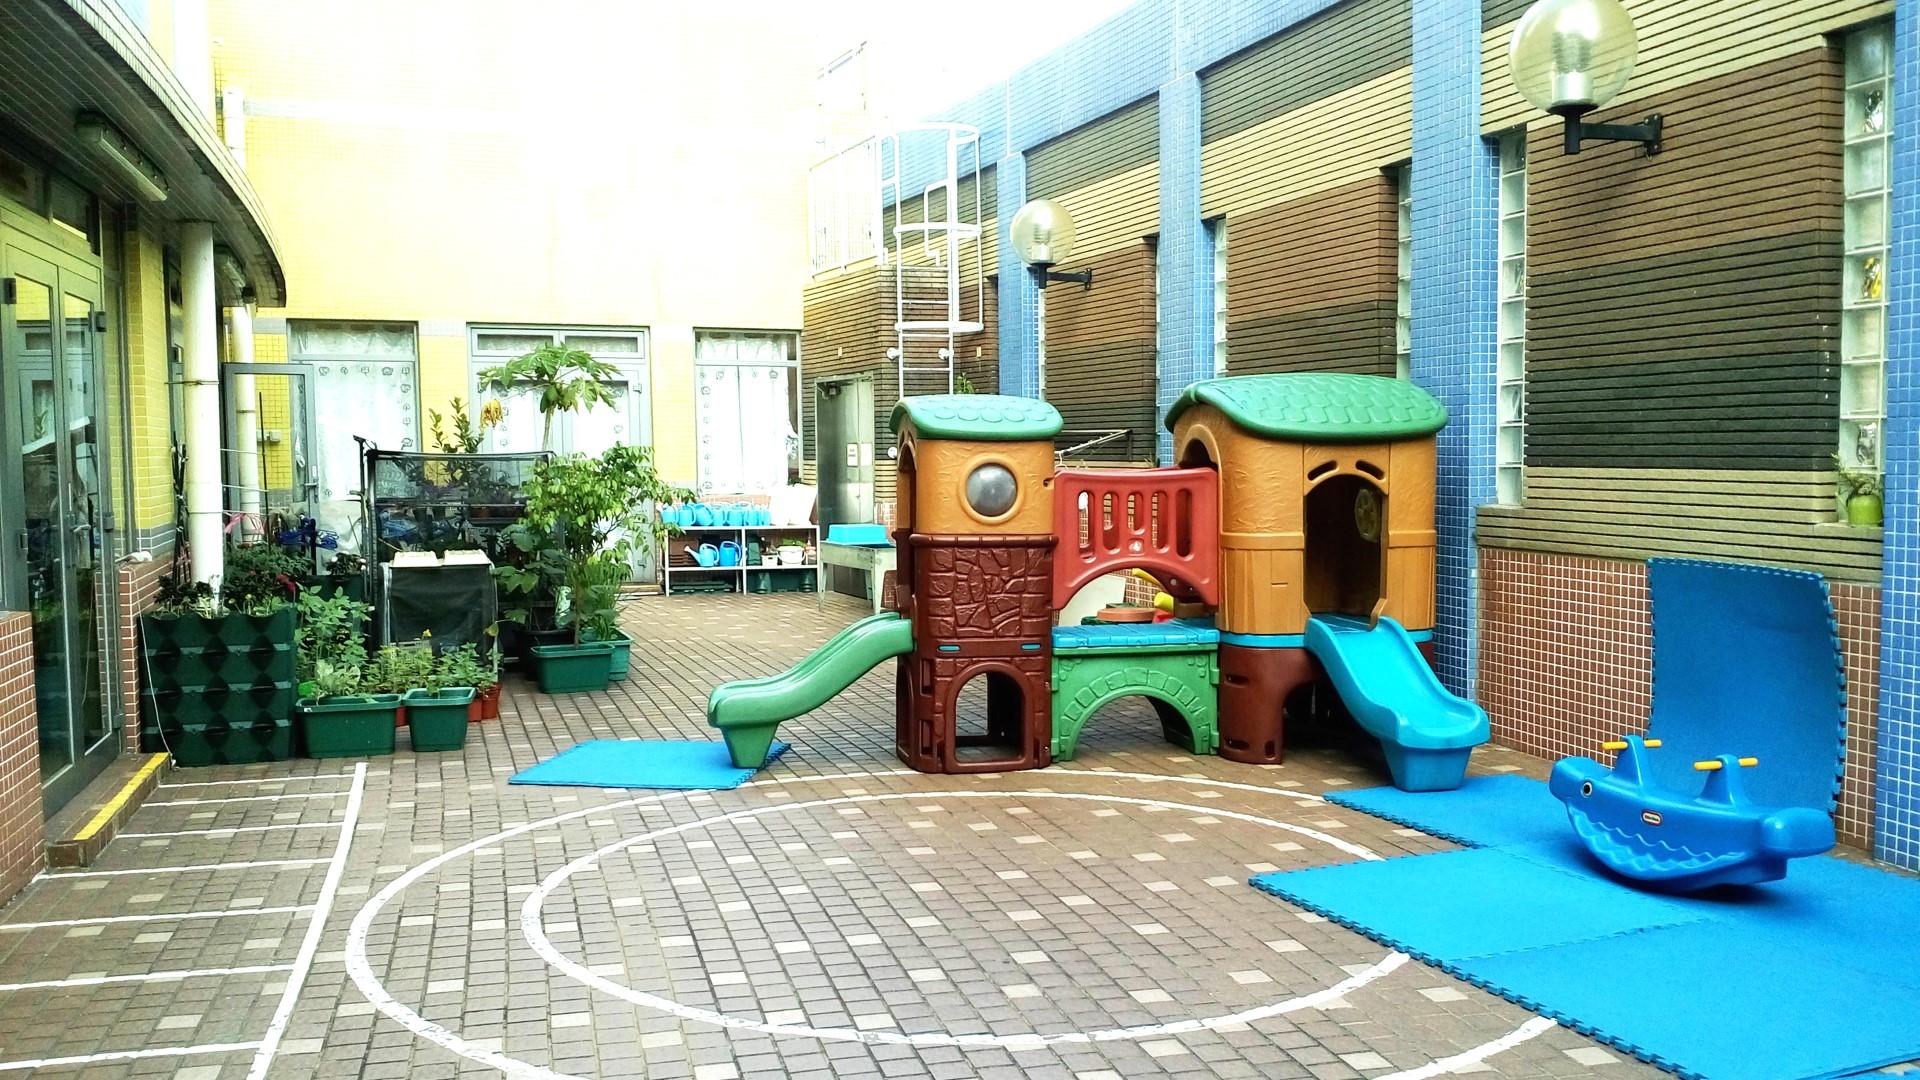 slide-5 slide